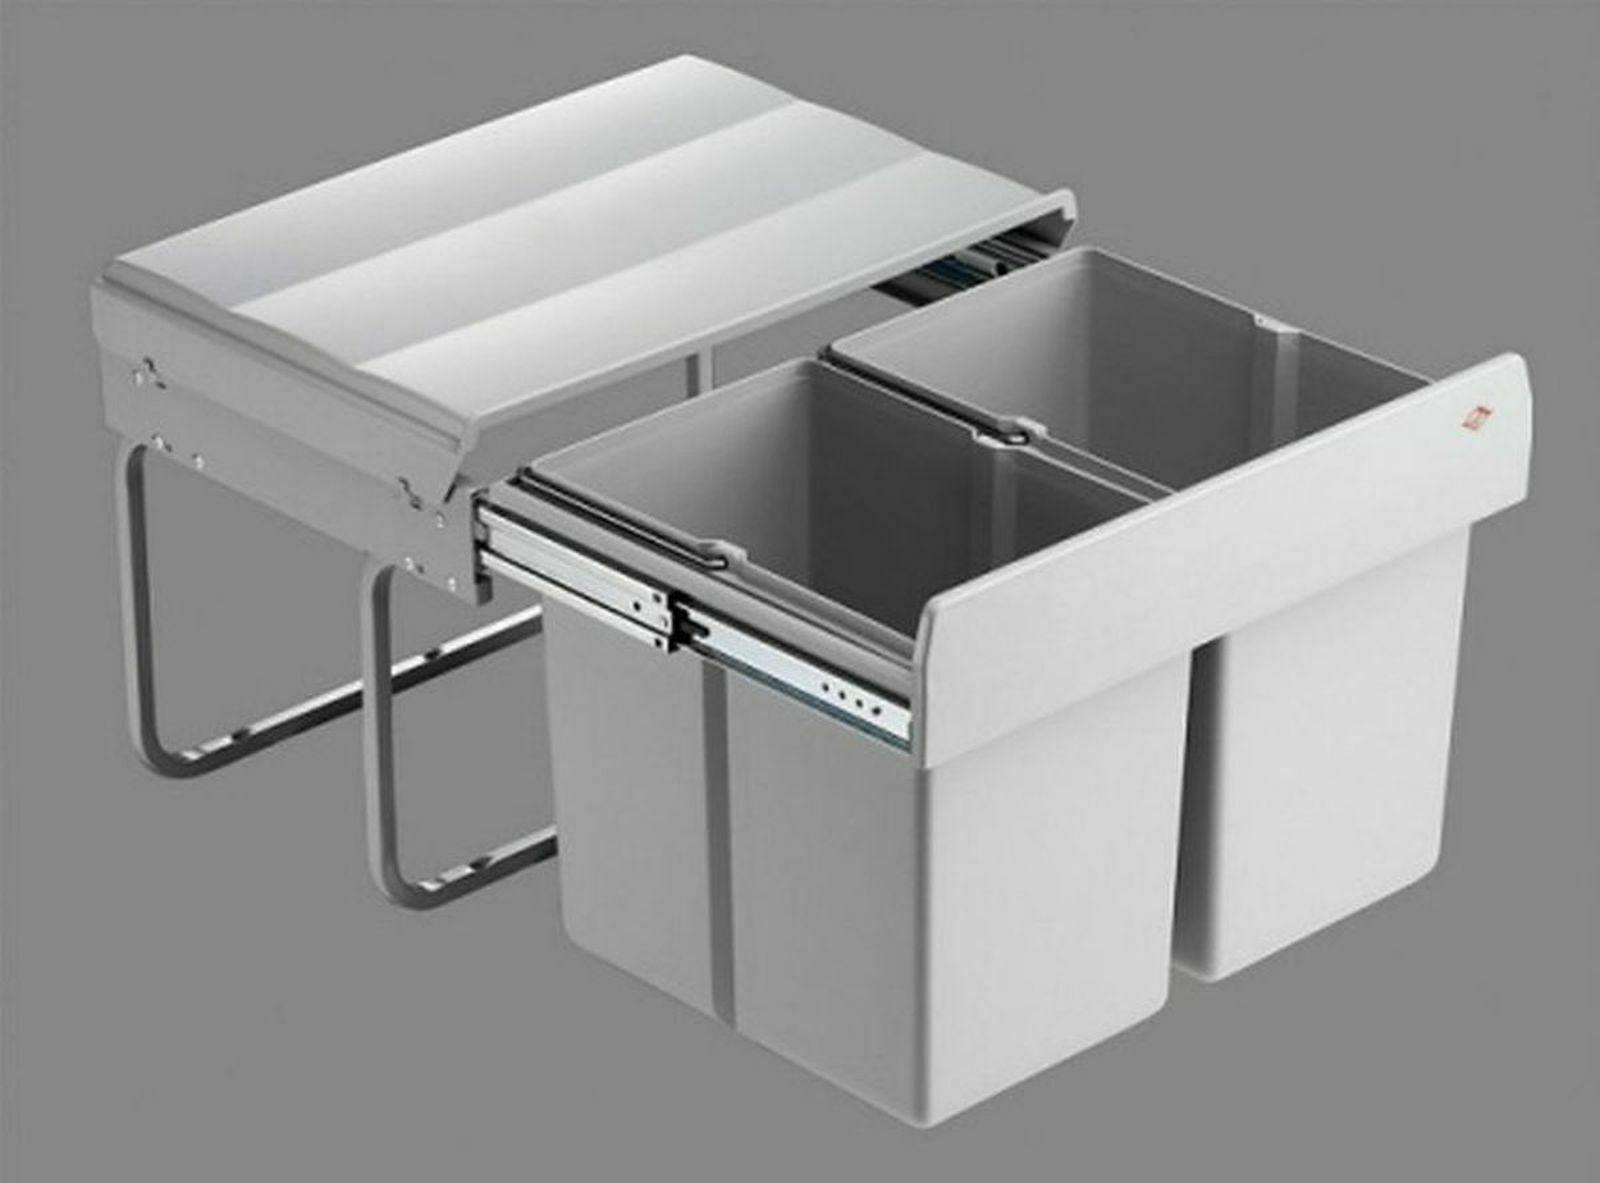 Full Size of Abfalleimer Küche Einbau Ikea Abfalleimer Küche Unter Spüle Abfalleimer Küche Amazon Abfalleimer Küche Türmontage Küche Abfalleimer Küche